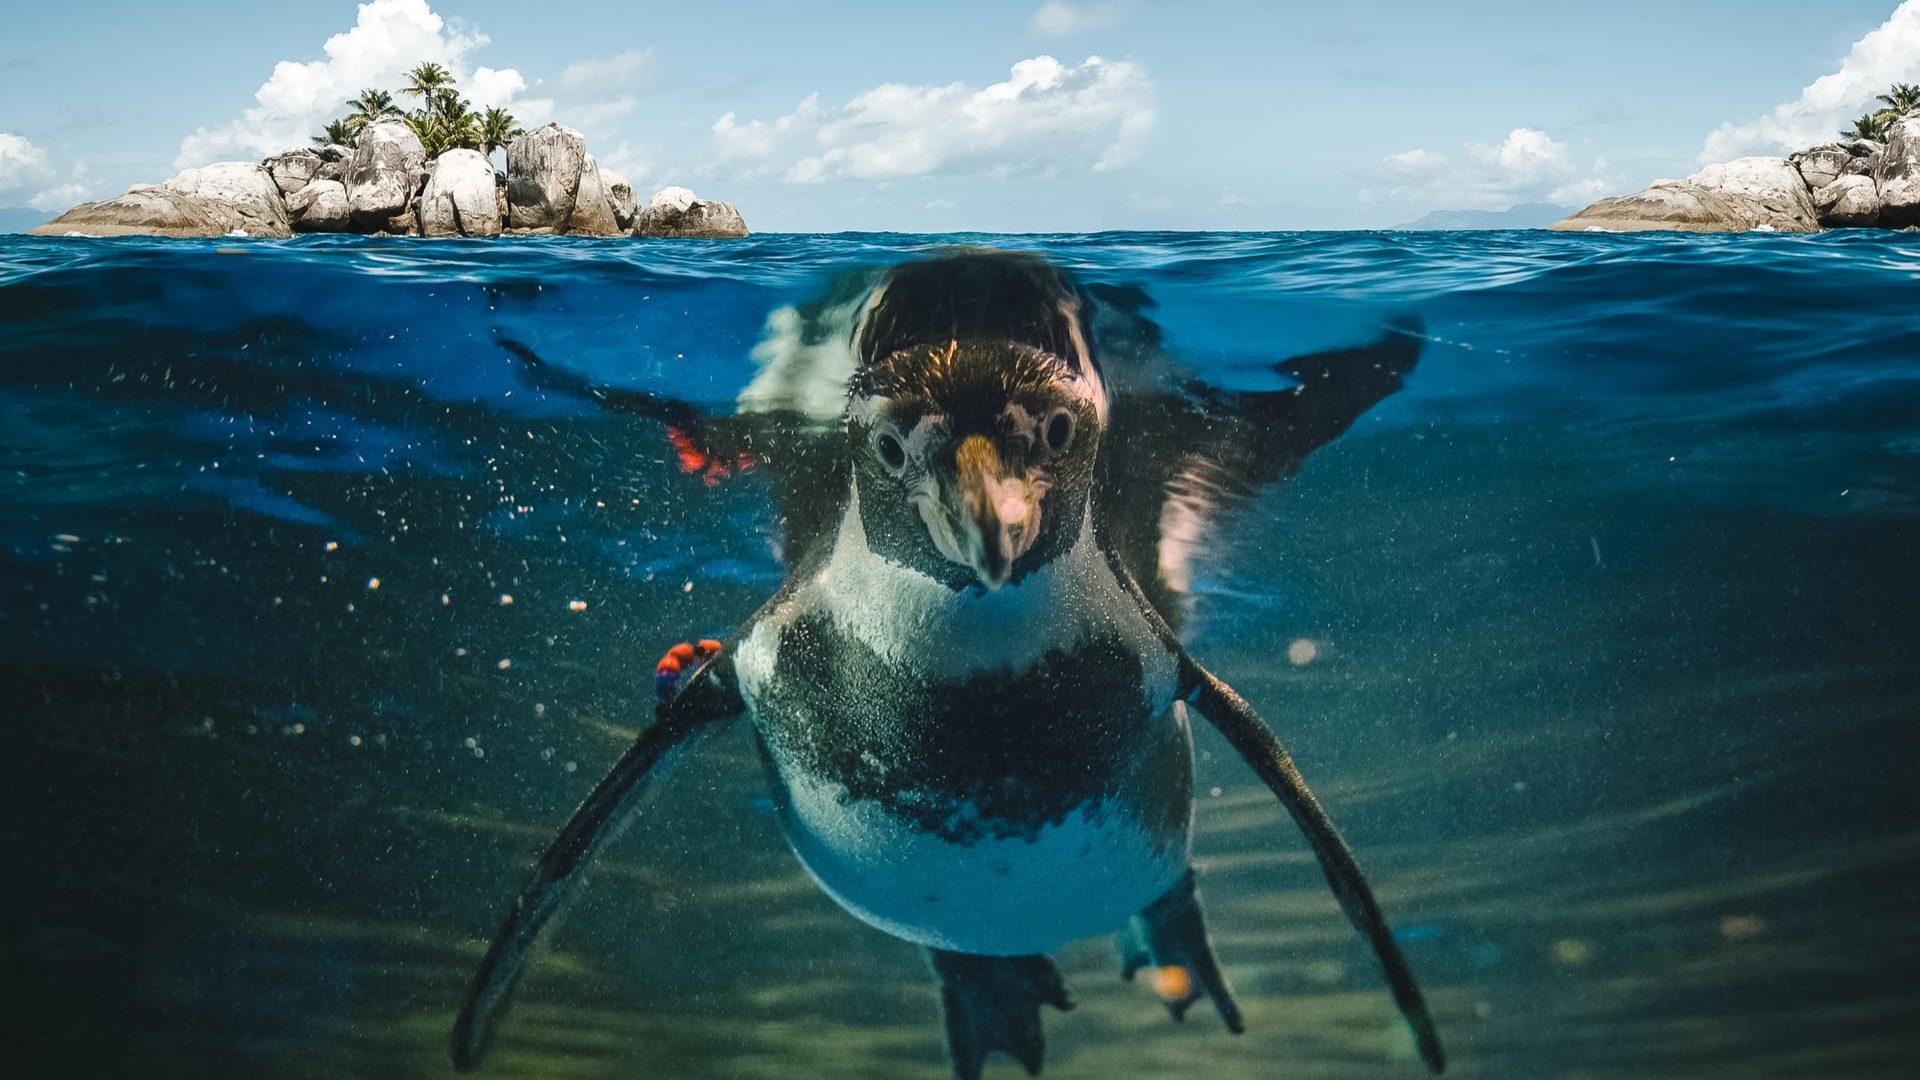 pinguin galapagos